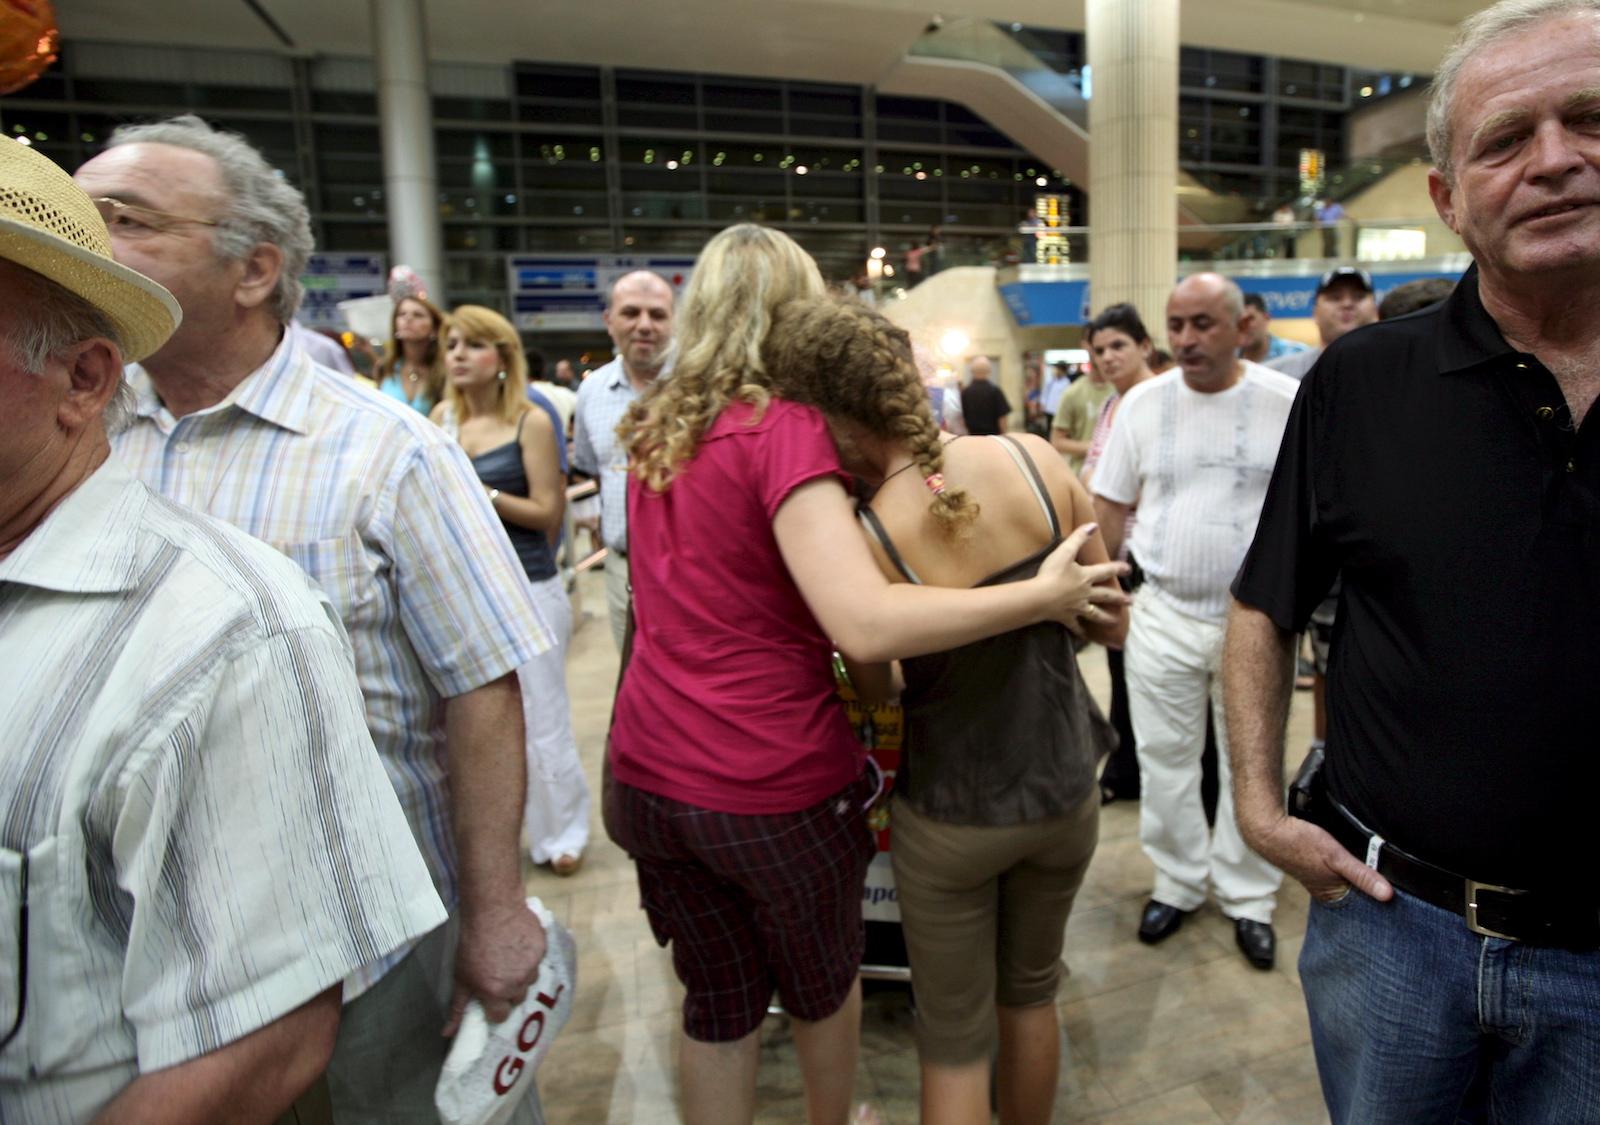 ბენ გურიონის აეროპორტი თელ ავივში. ომის დროს საქართველოში მყოფი ისრაელის მოქალაქეებმა სამშობლოში დაბრუნდნენ © EPA/JIM HOLLANDER